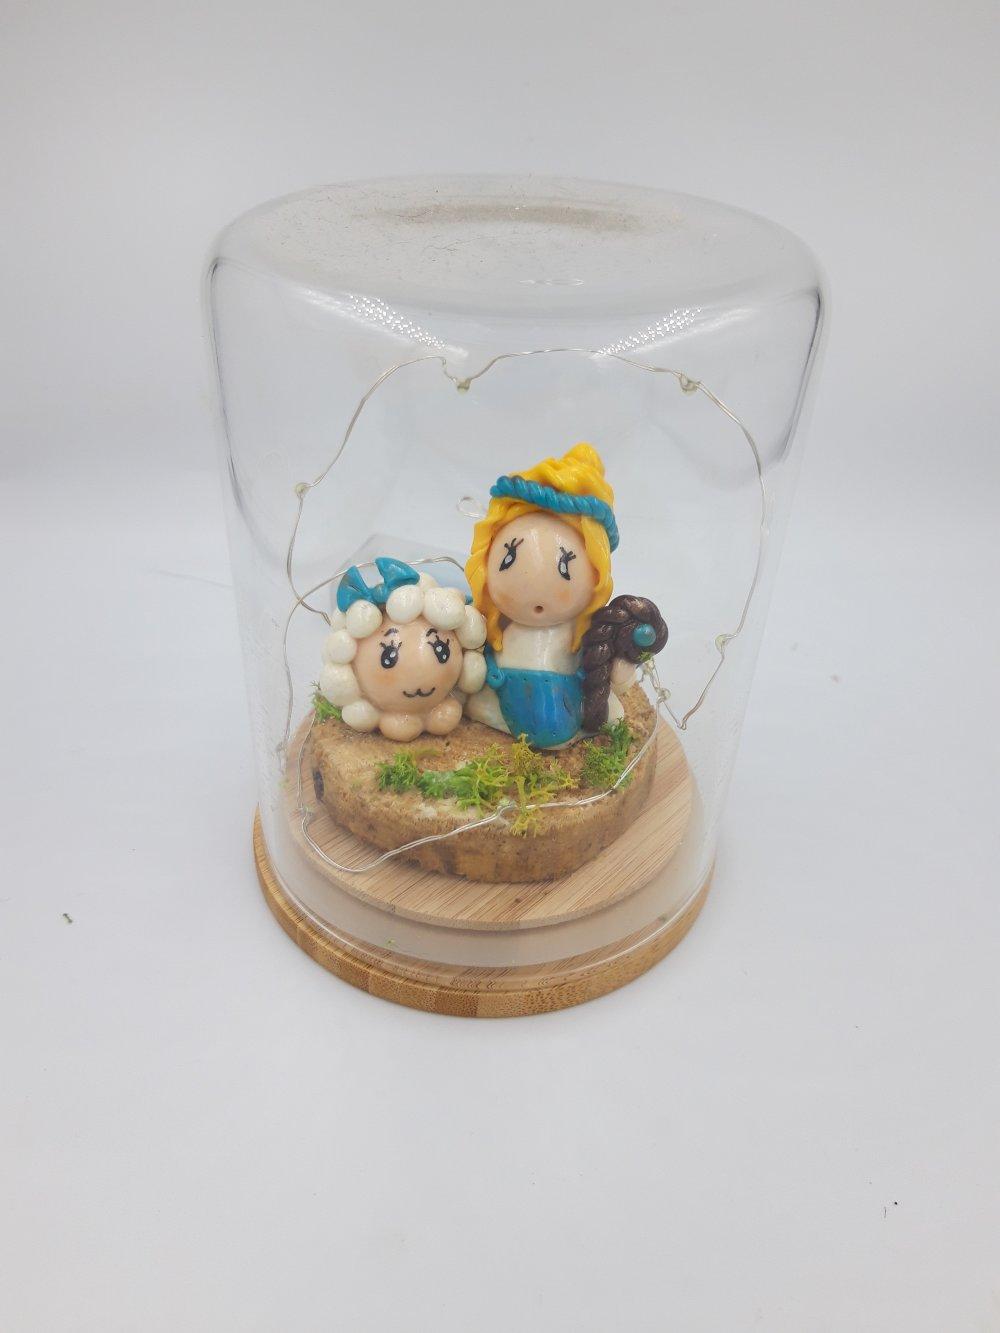 Petite bergère se promenant avec sa brebis , sous cloche de verre lumineuse avec guirlande led